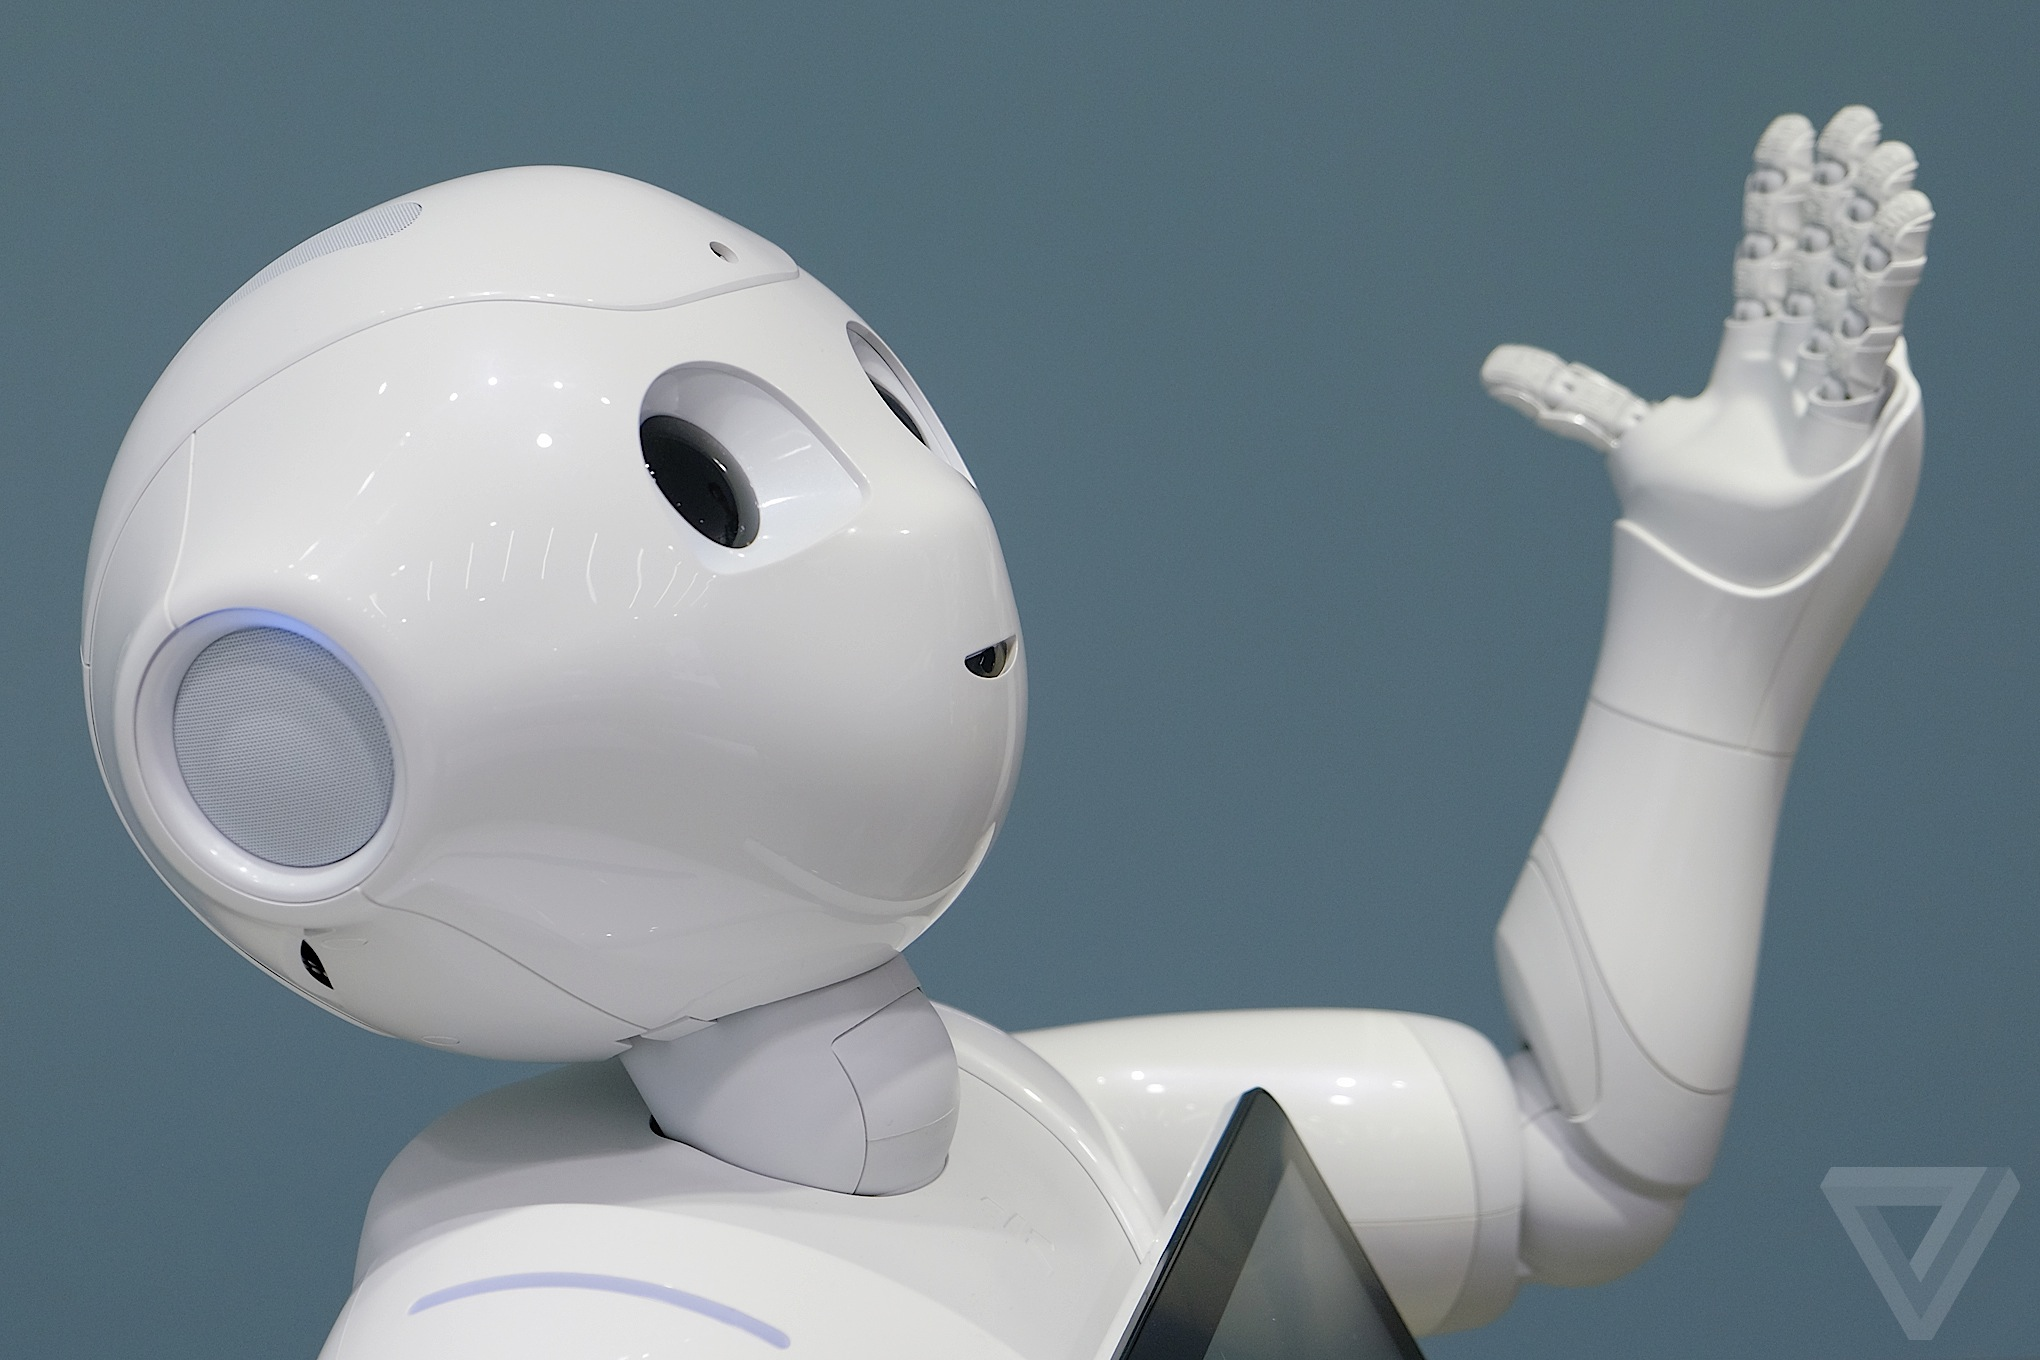 softbank pepper robot